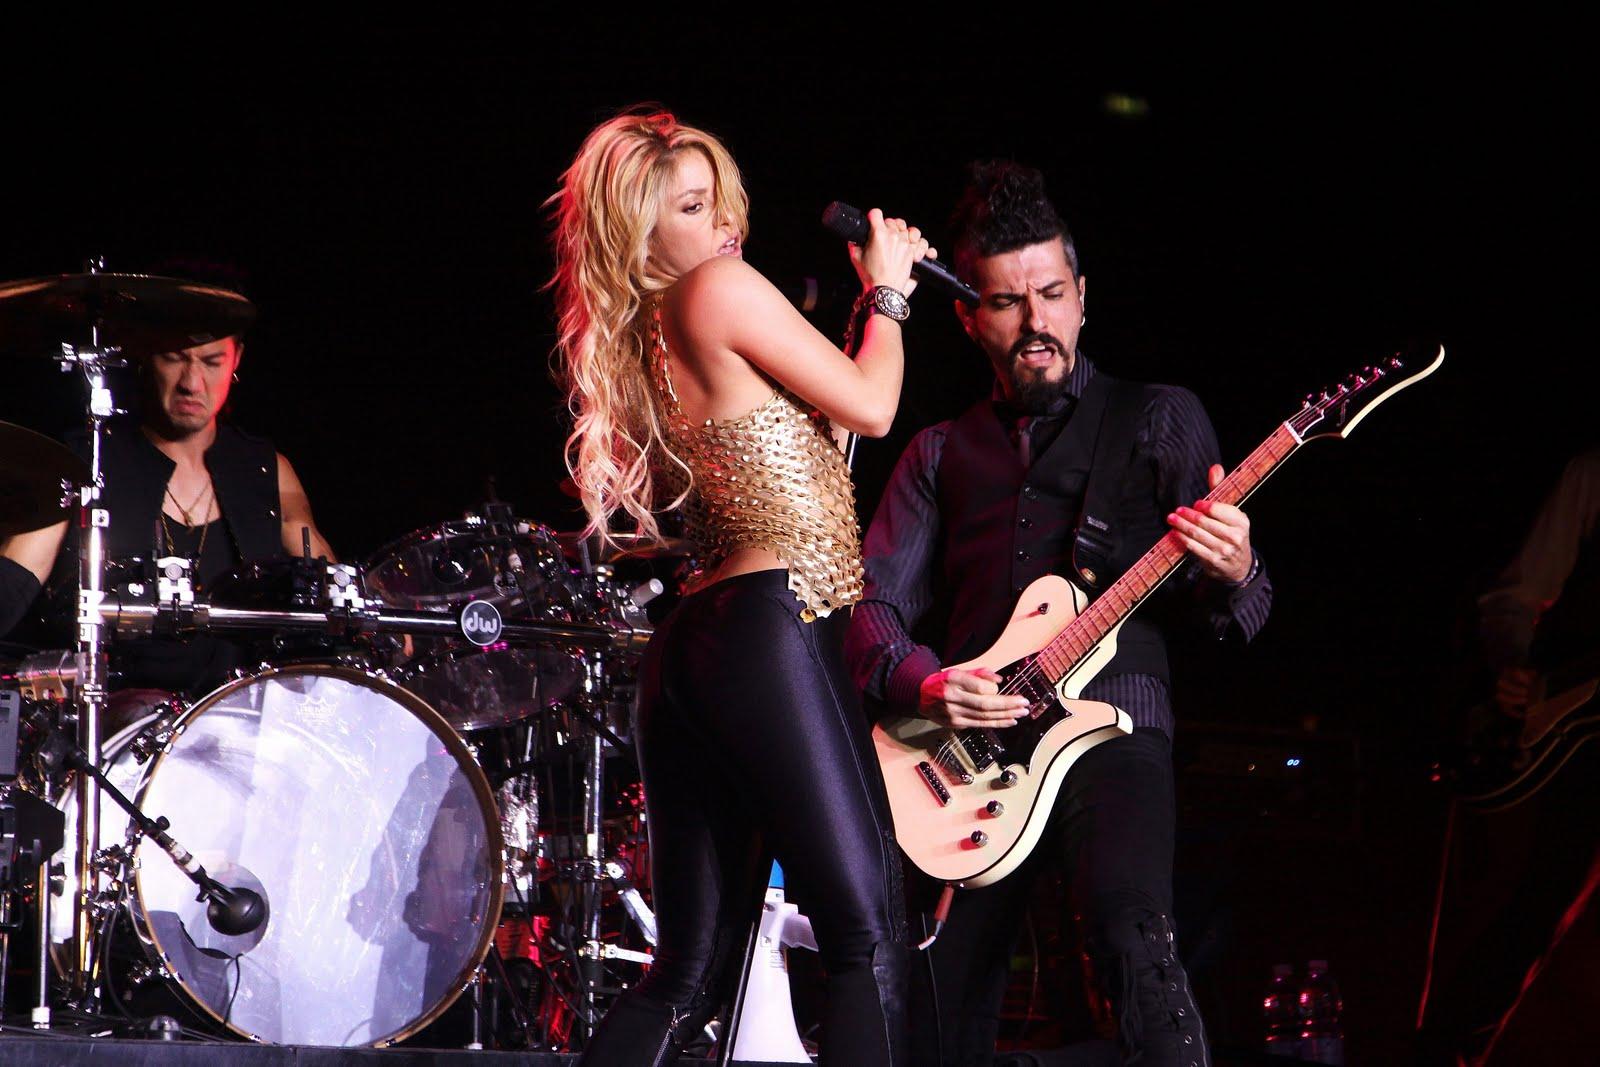 Galería » Apariciones, candids, conciertos... 78425_Shakira_PerformingliveinAssagoForuminMilanItalyMay32011_By_oTTo10_122_428lo